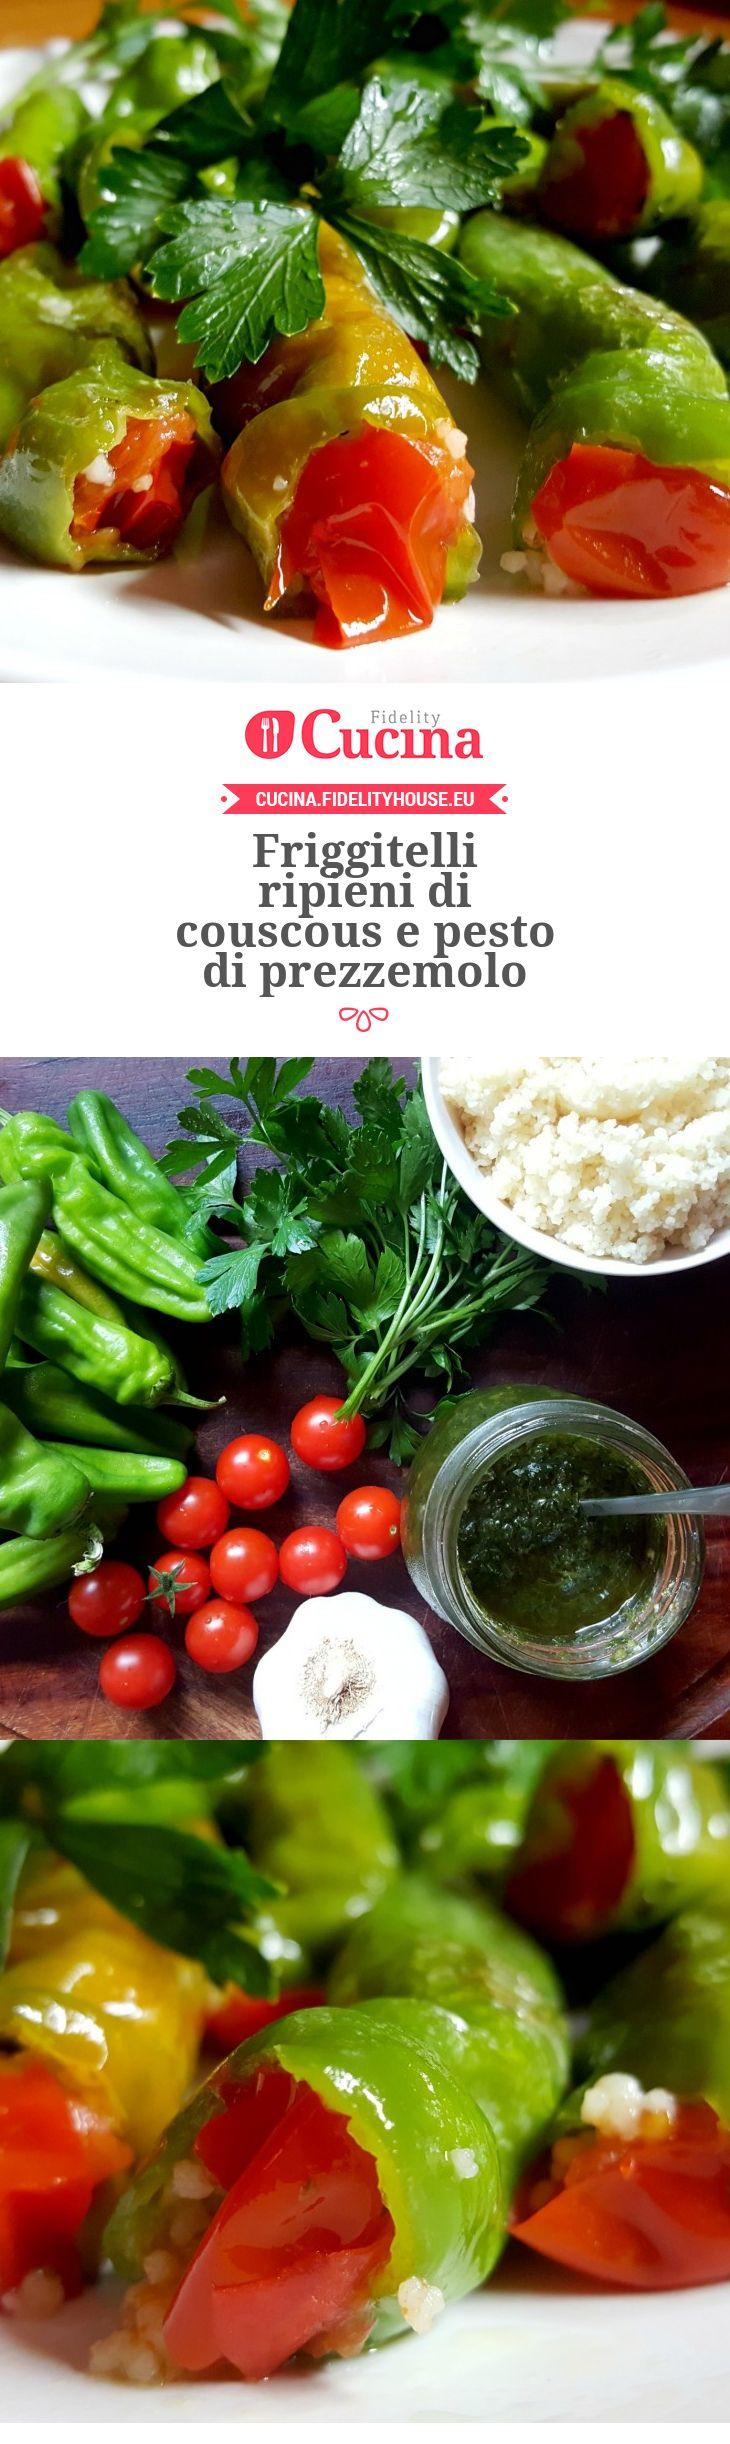 #Friggitelli ripieni di #couscous e pesto di prezzemolo della nostra utente Monica. Unisciti alla nostra Community ed invia le tue ricette!